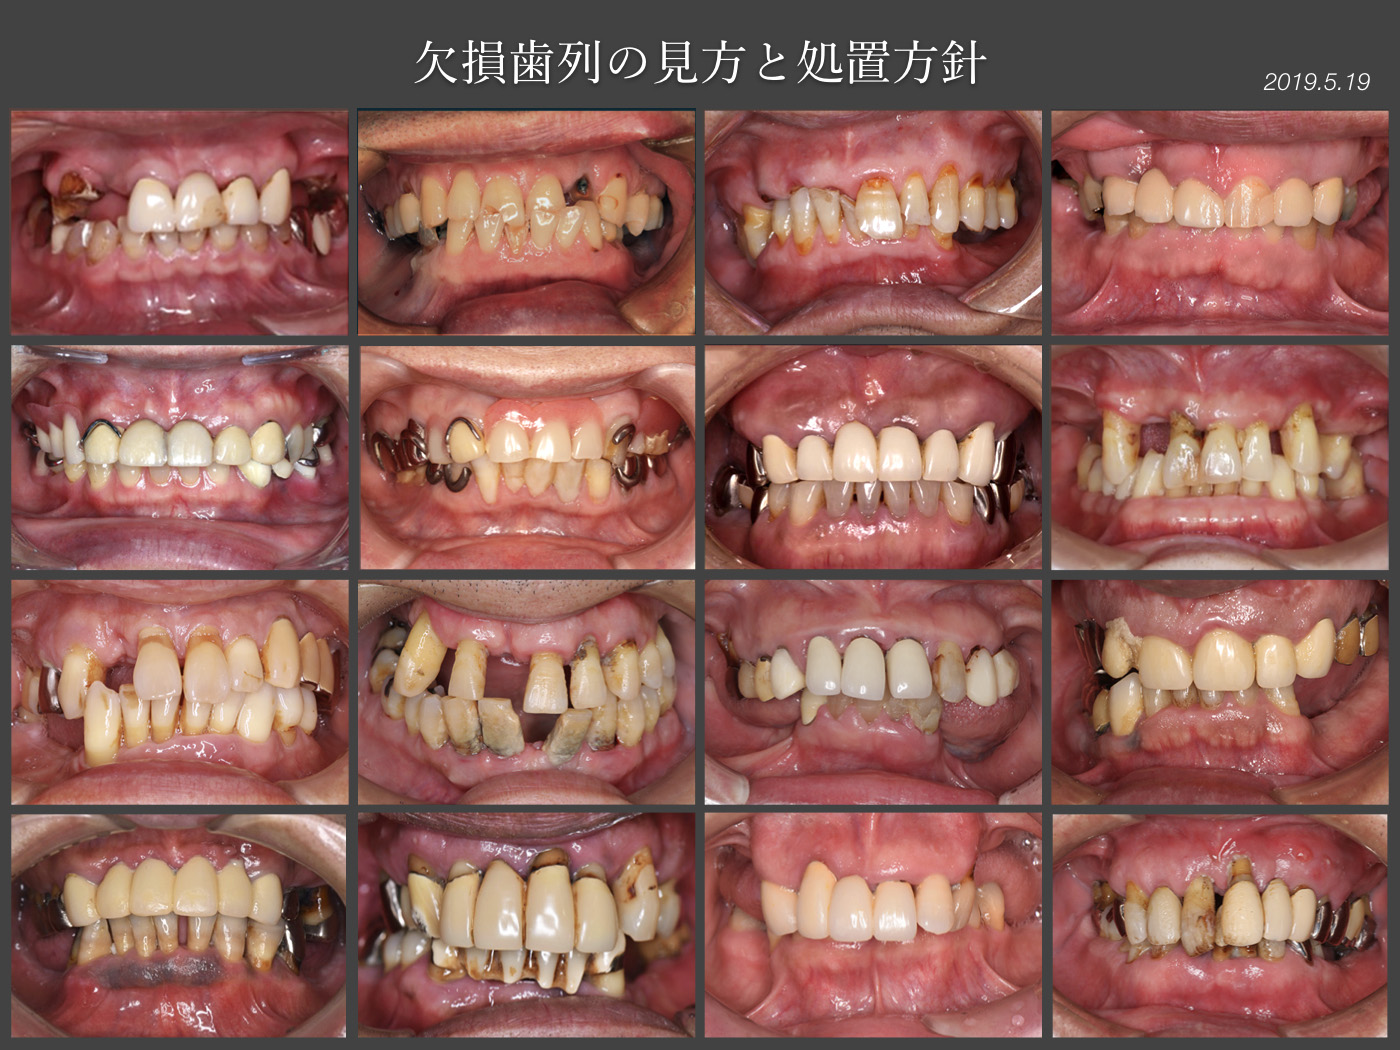 2019 臨床基本ゼミ・エントリー症例_f0103459_1352755.jpg